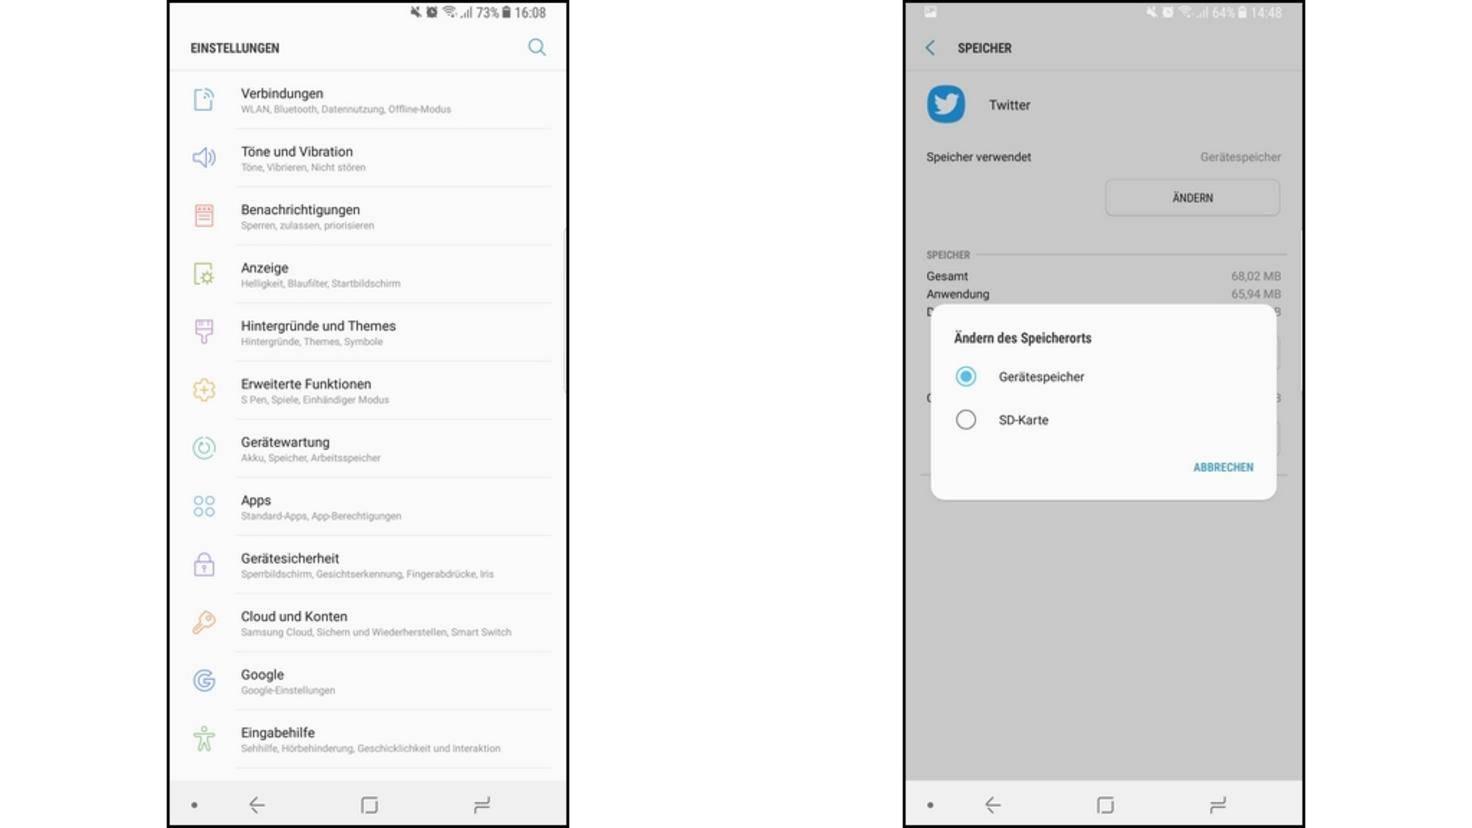 Android 6 0 Apps Auf Sd Karte Verschieben.Apps Auf Sd Karte Verschieben So Geht S Auf Galaxy S8 Note 8